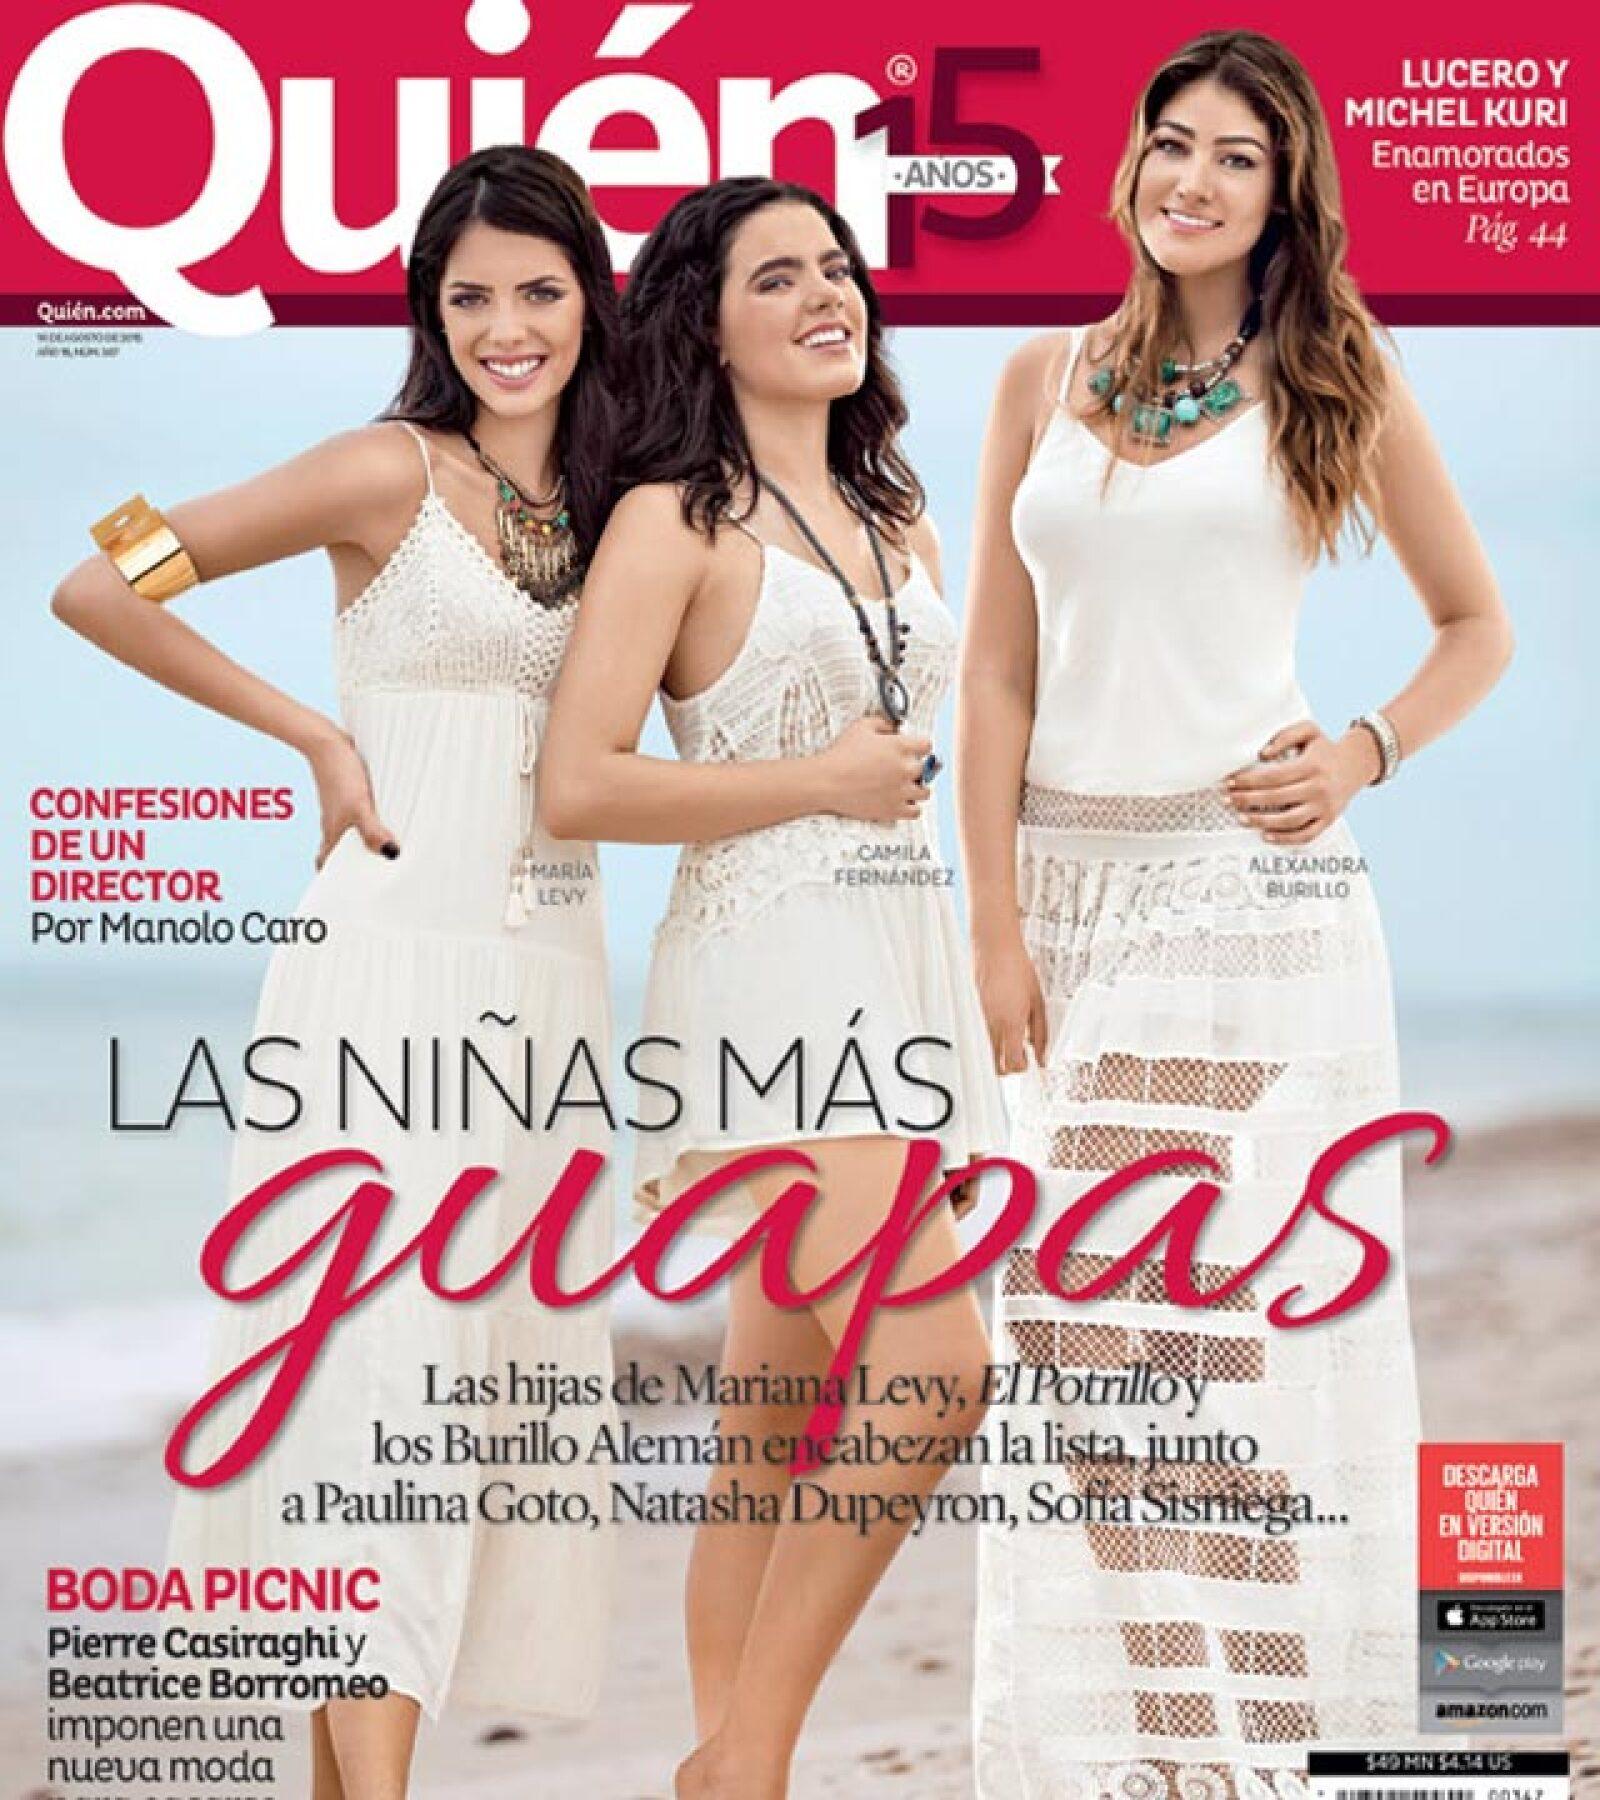 No te pierdas nuestra más reciente portada donde mostramos a las niñas más guapas de México.